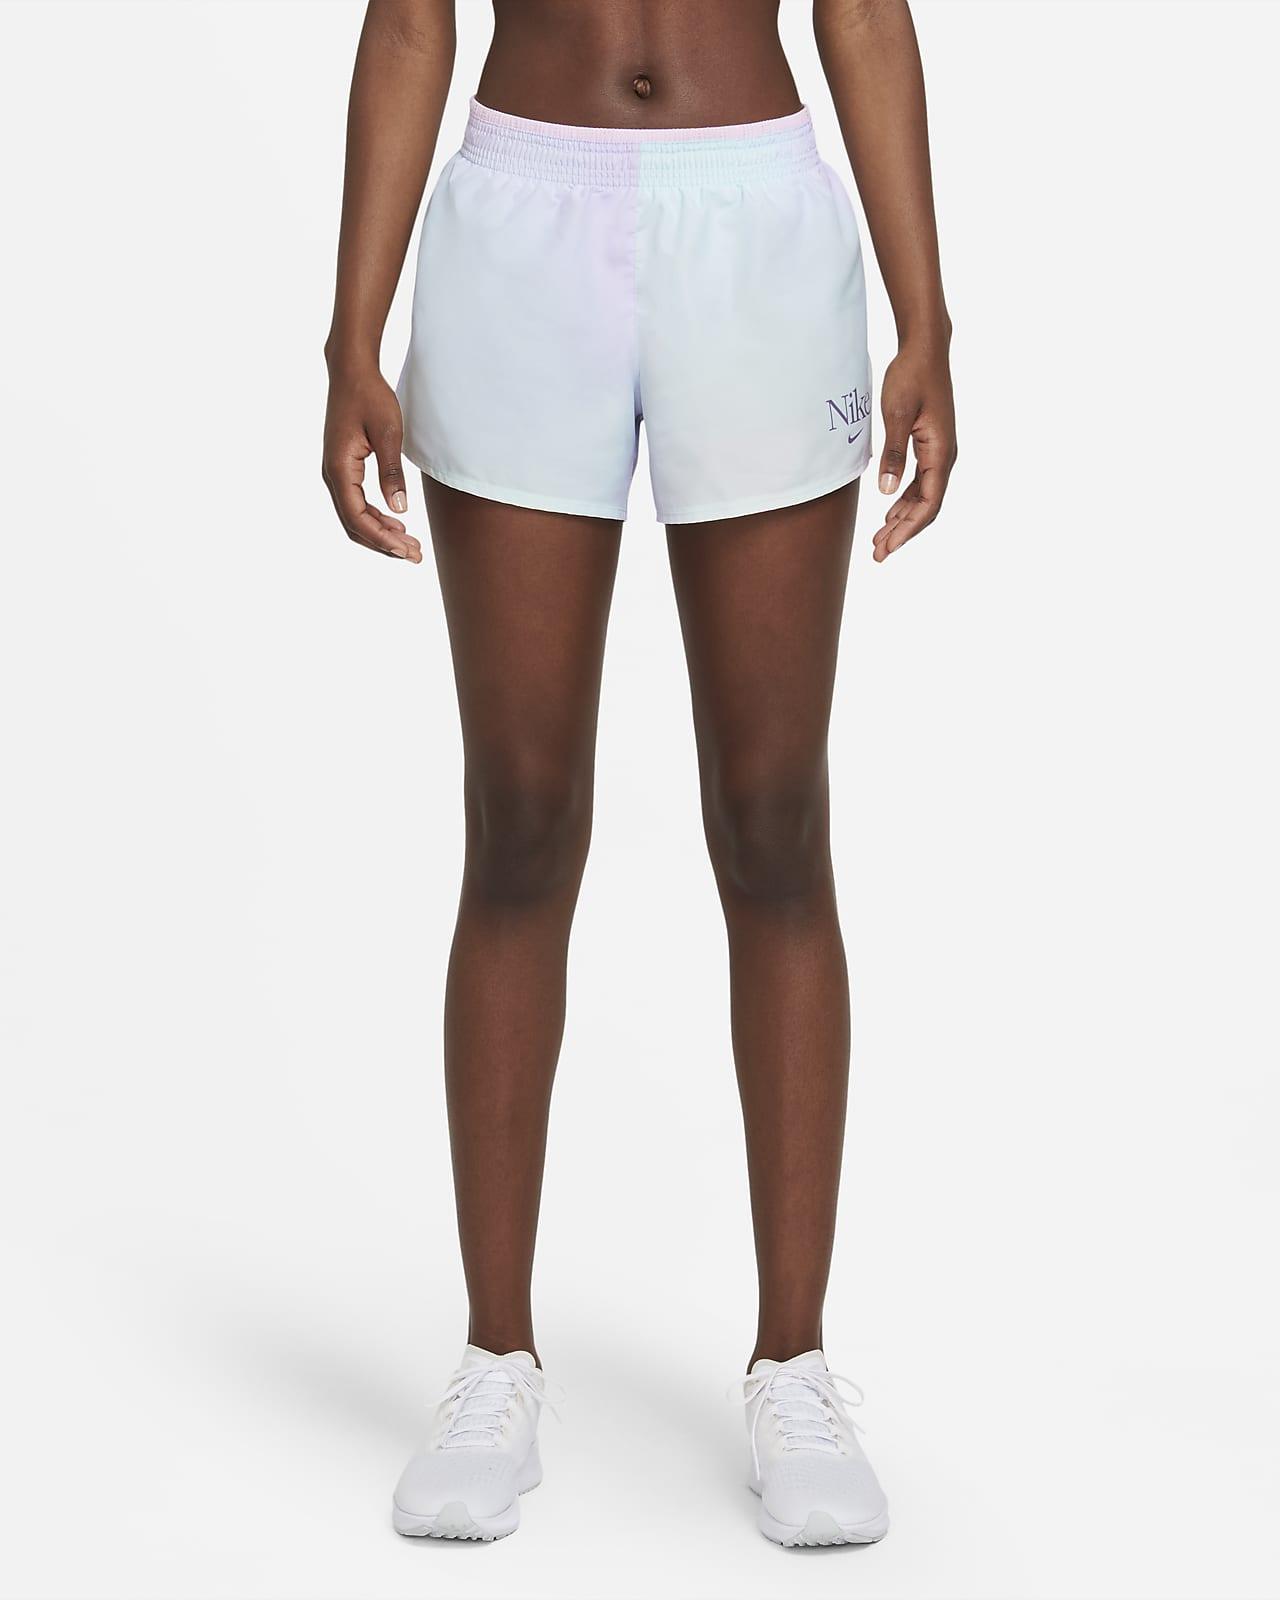 Nike Dri-FIT Femme 10K Hardloopshorts voor dames